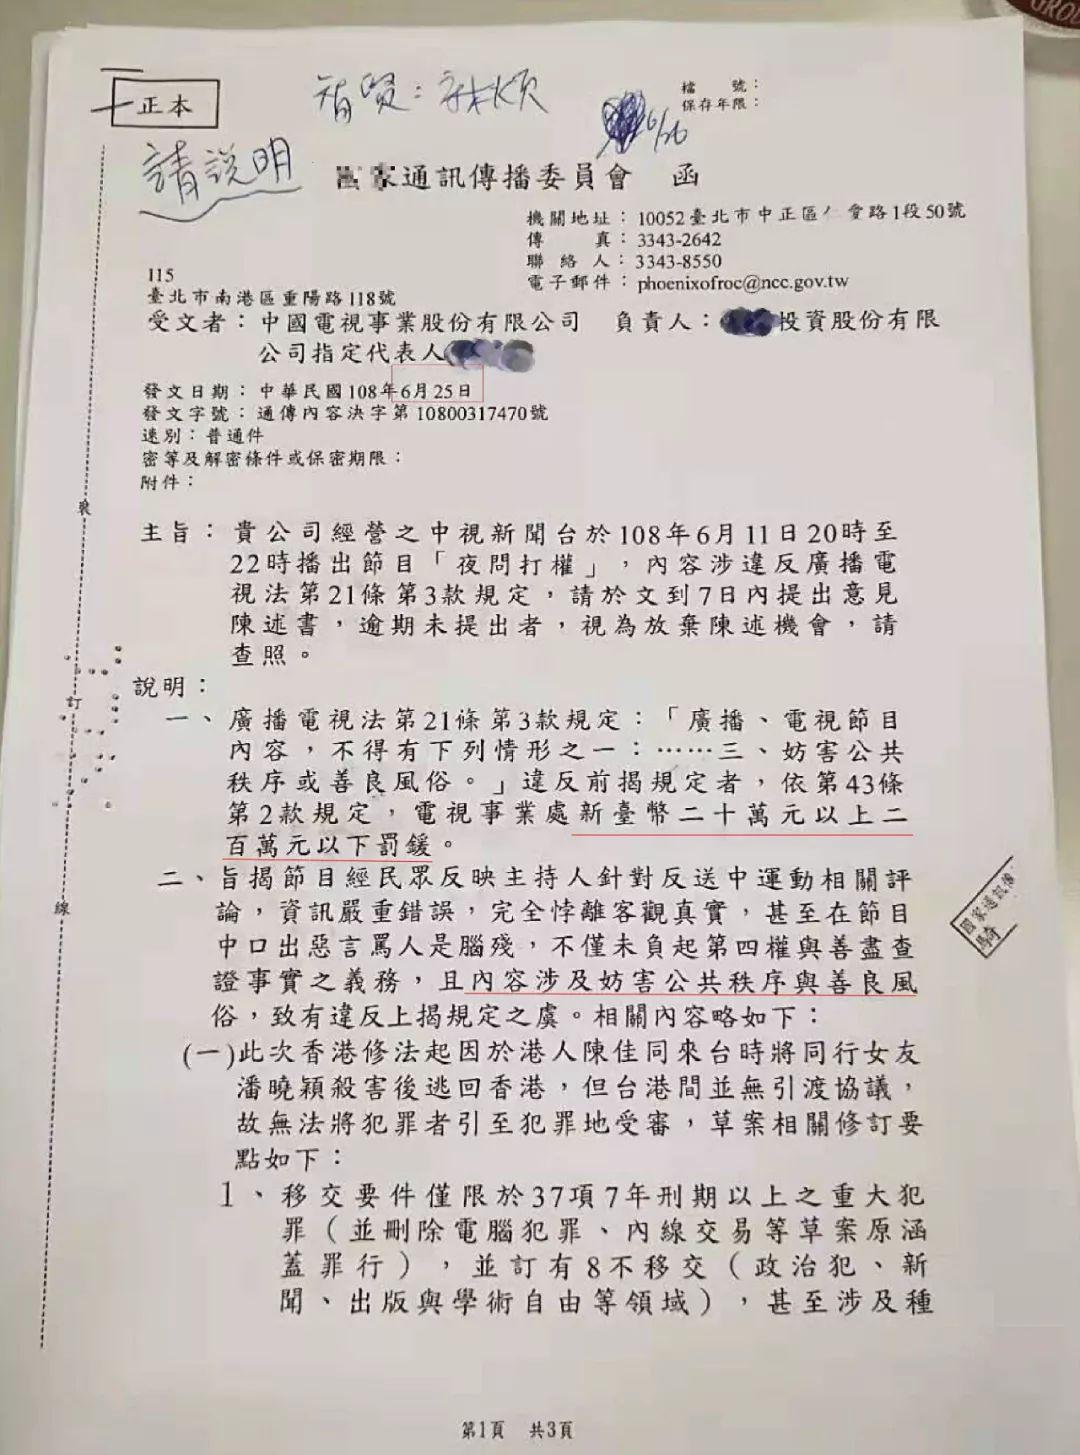 黃智賢收到台灣的NCC的公文書。圖:擷取自觀察者網